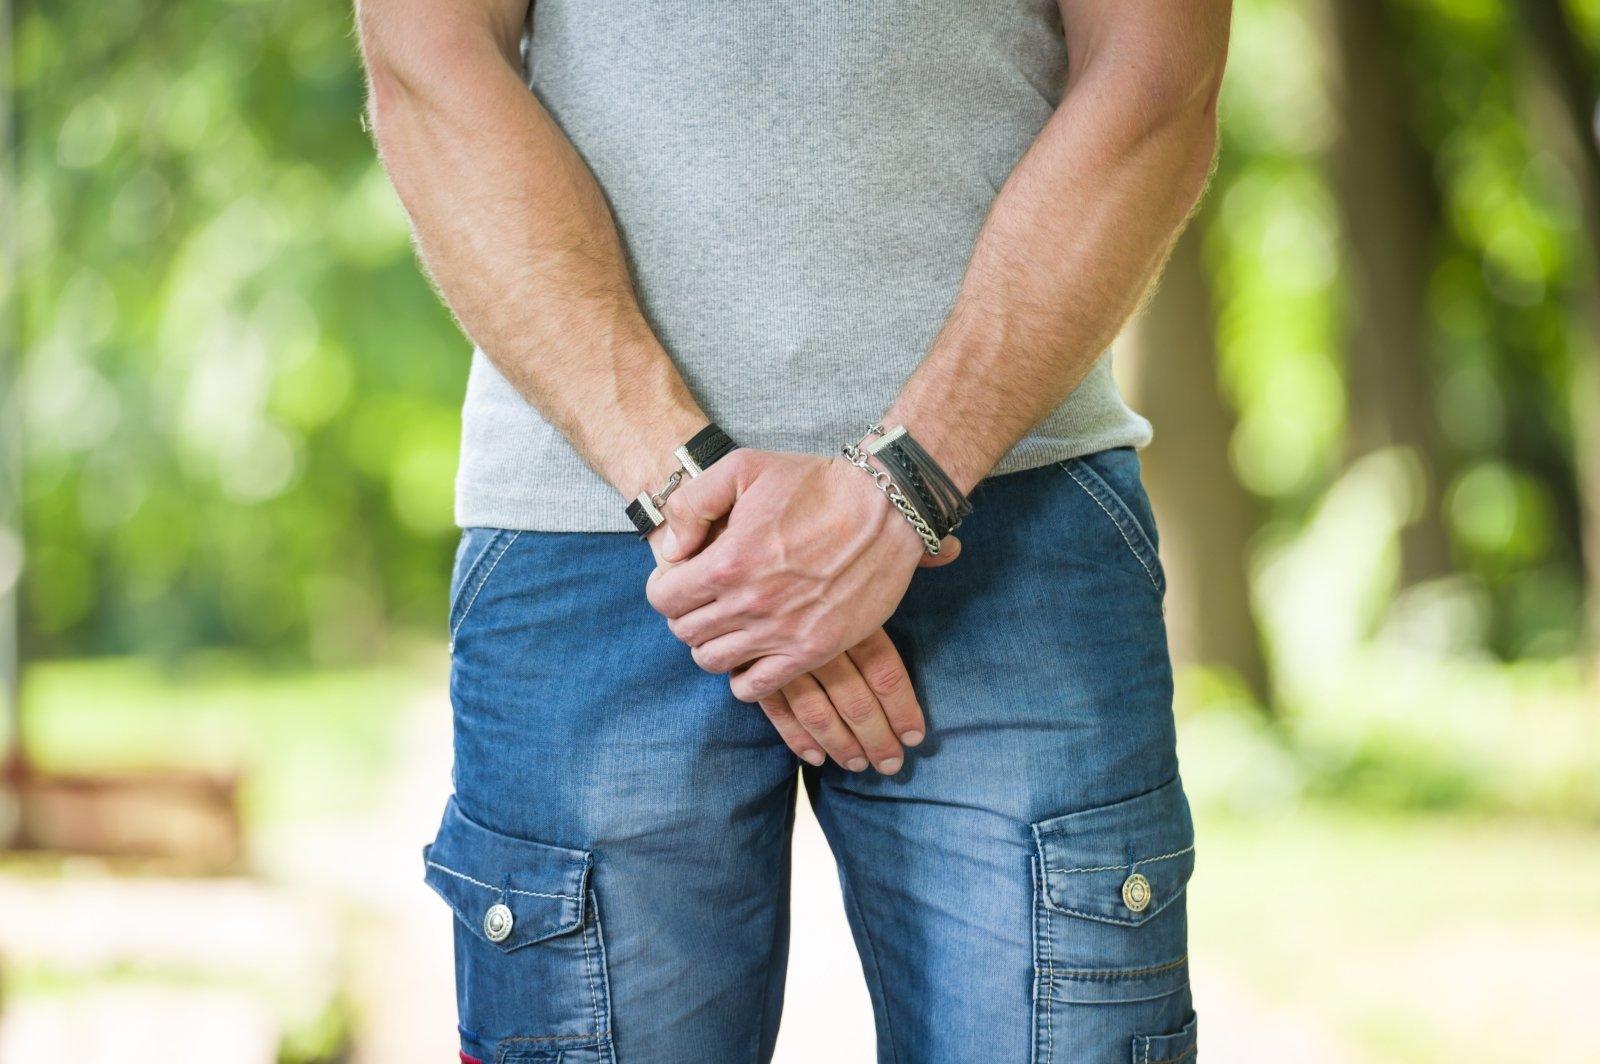 nė viena rytinė erekcija nėra bloga kaip padidinti lyti penis vikipedija